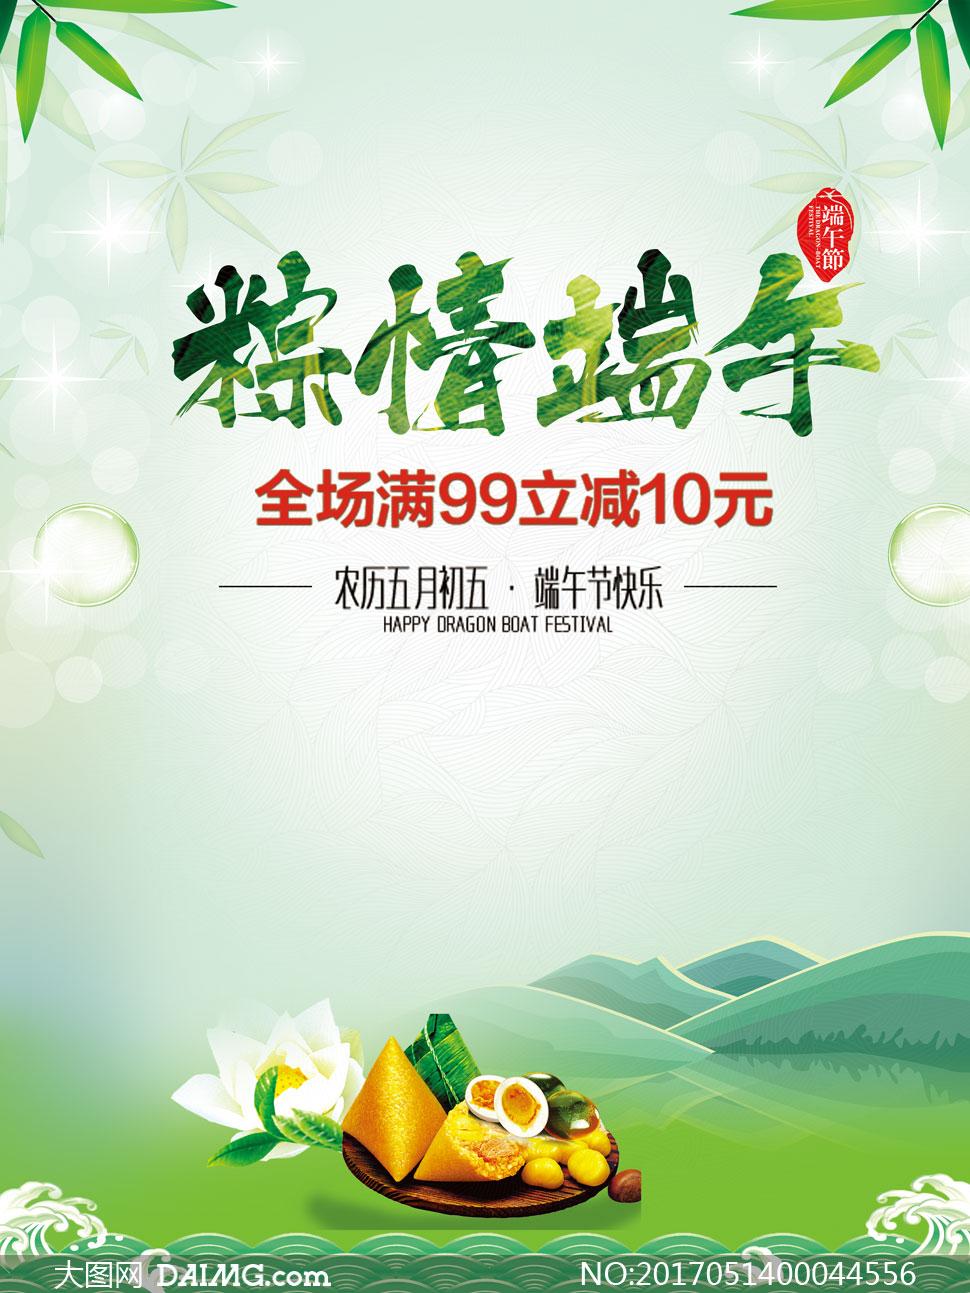 粽情端午商场活动海报背景psd素材图片